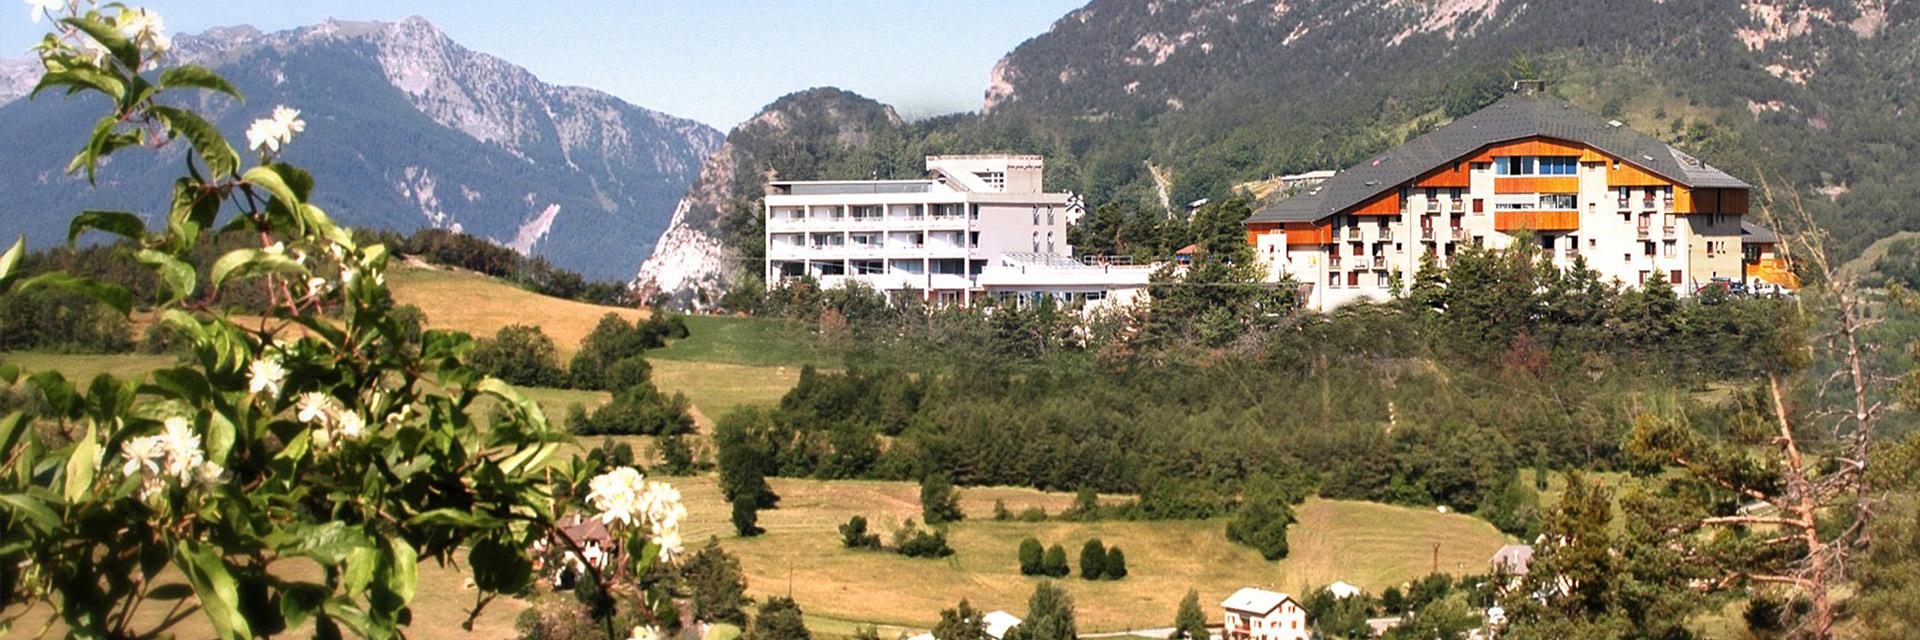 Village_club_vacances_alpes-de-haute-provence_lou Riouclar_village-vue